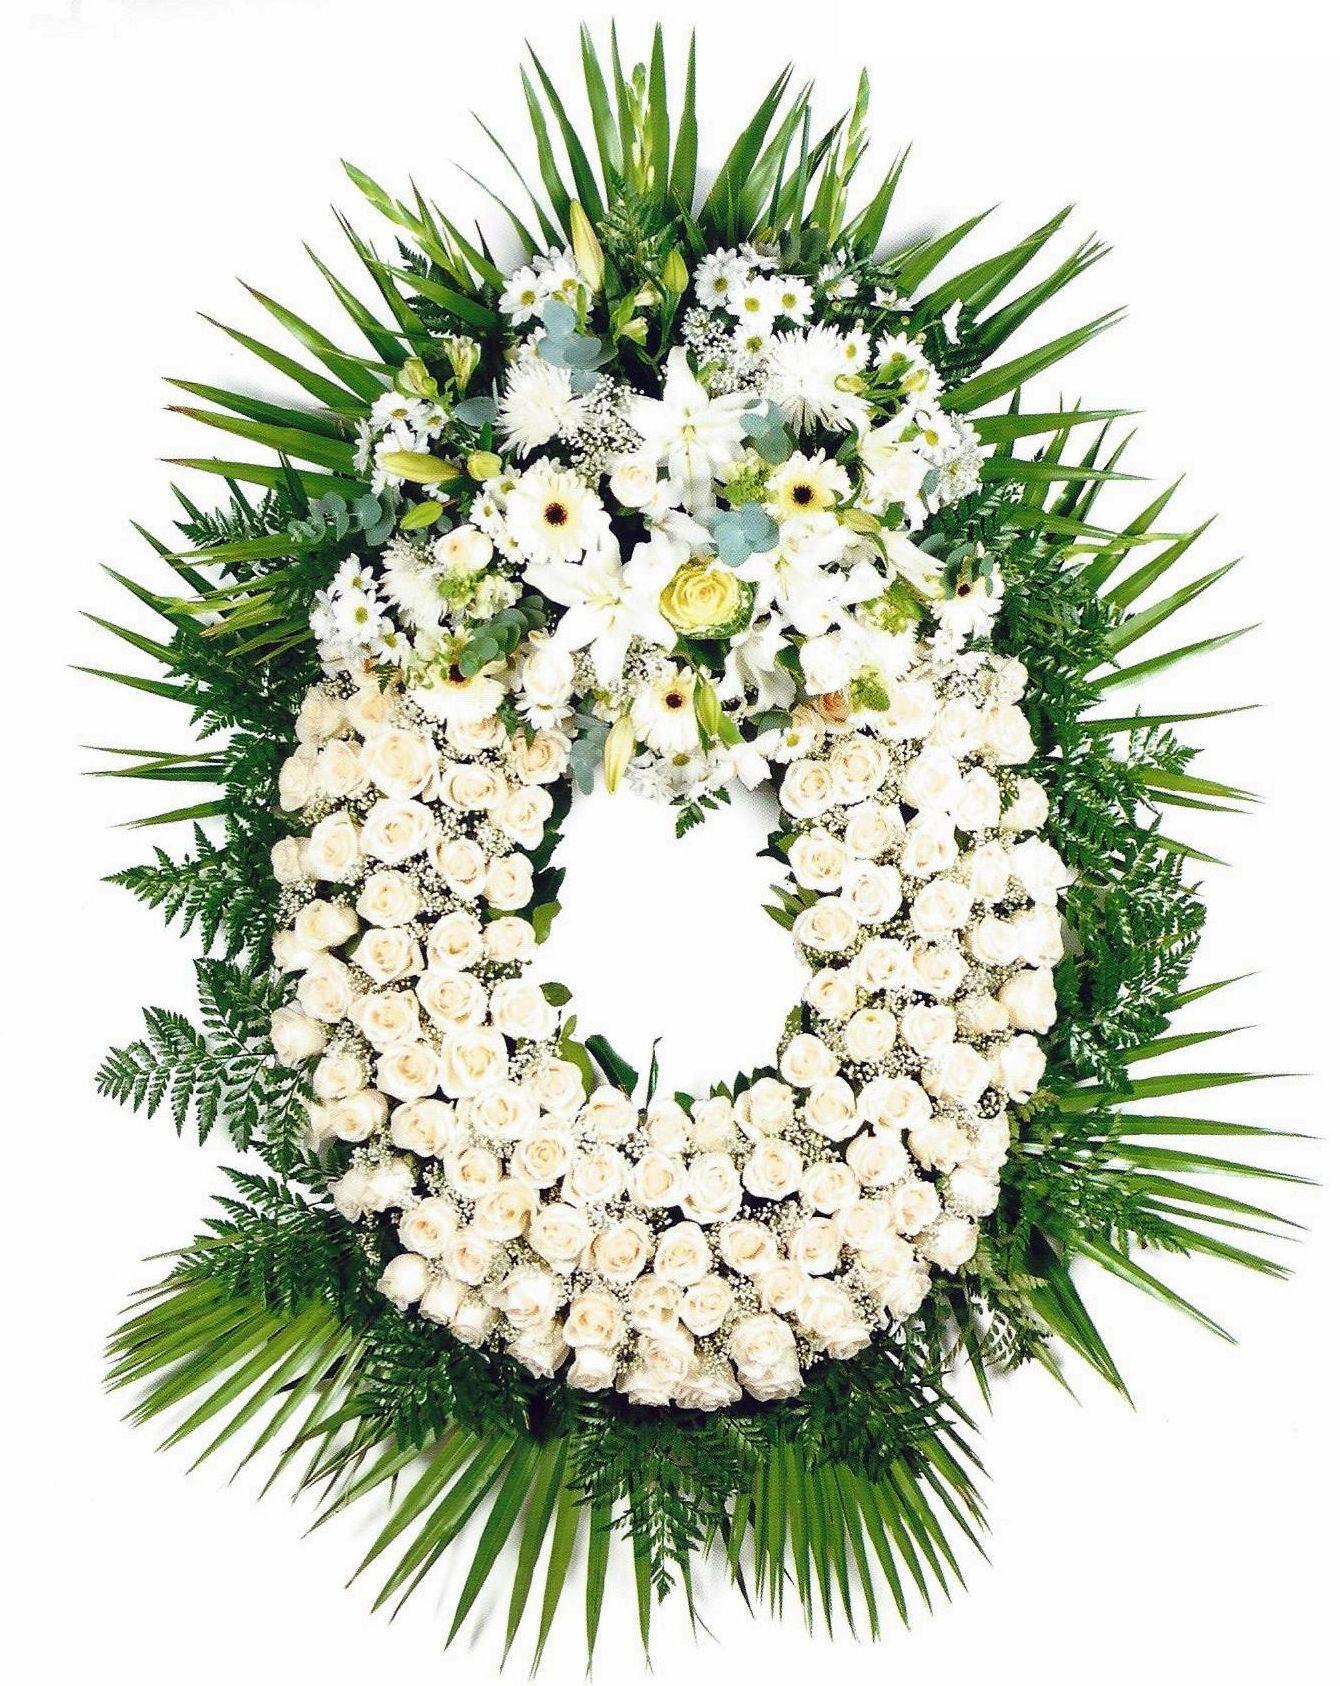 Corona Rosas Blancas: PRODUCTOS Y SERVICIOS  de Floristería Contreras - BARTOLOMÉ CONTRERAS